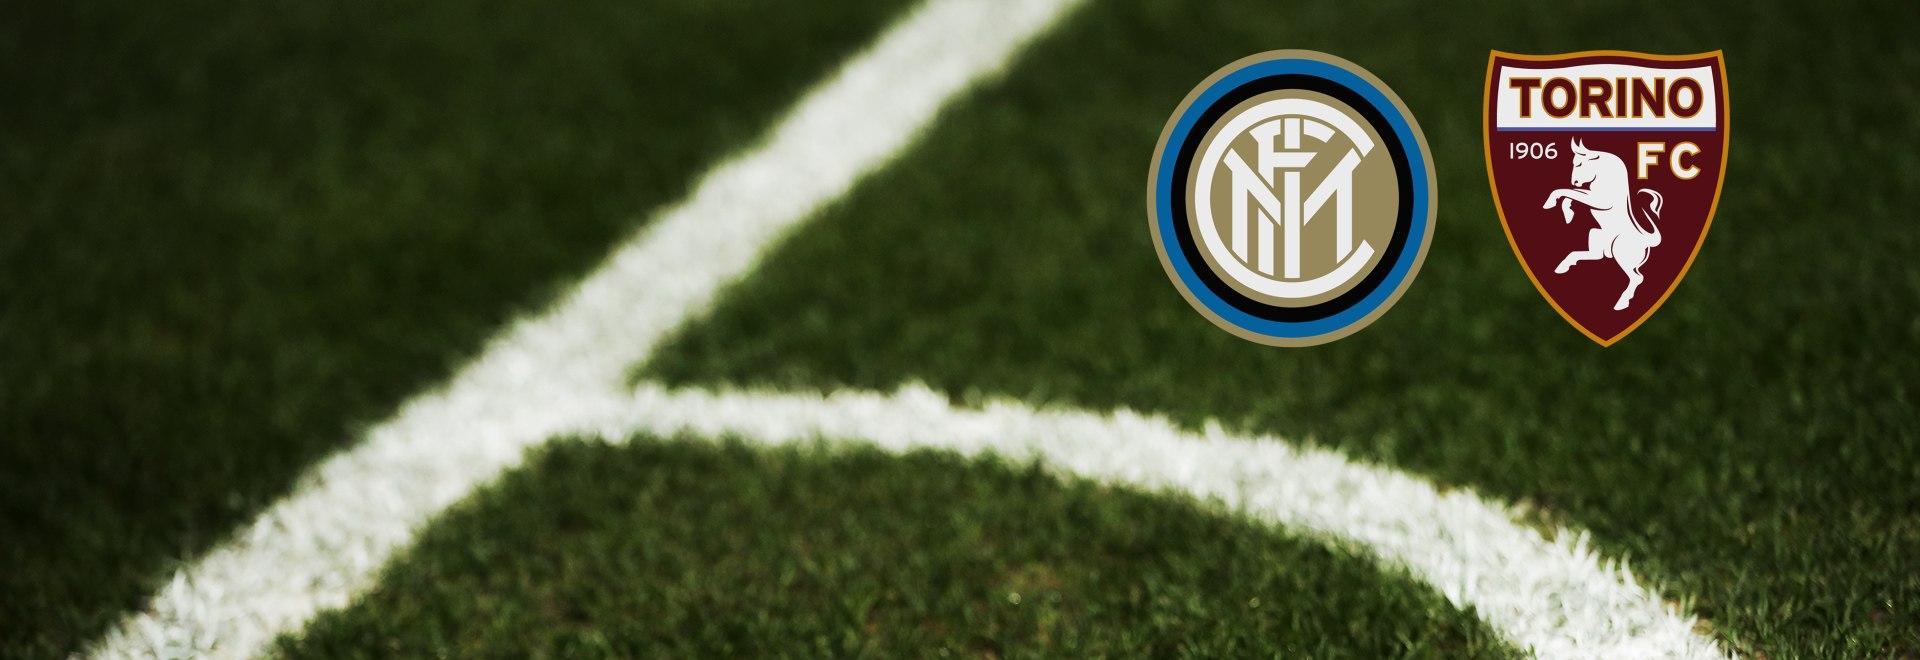 Inter - Torino. 8a g.